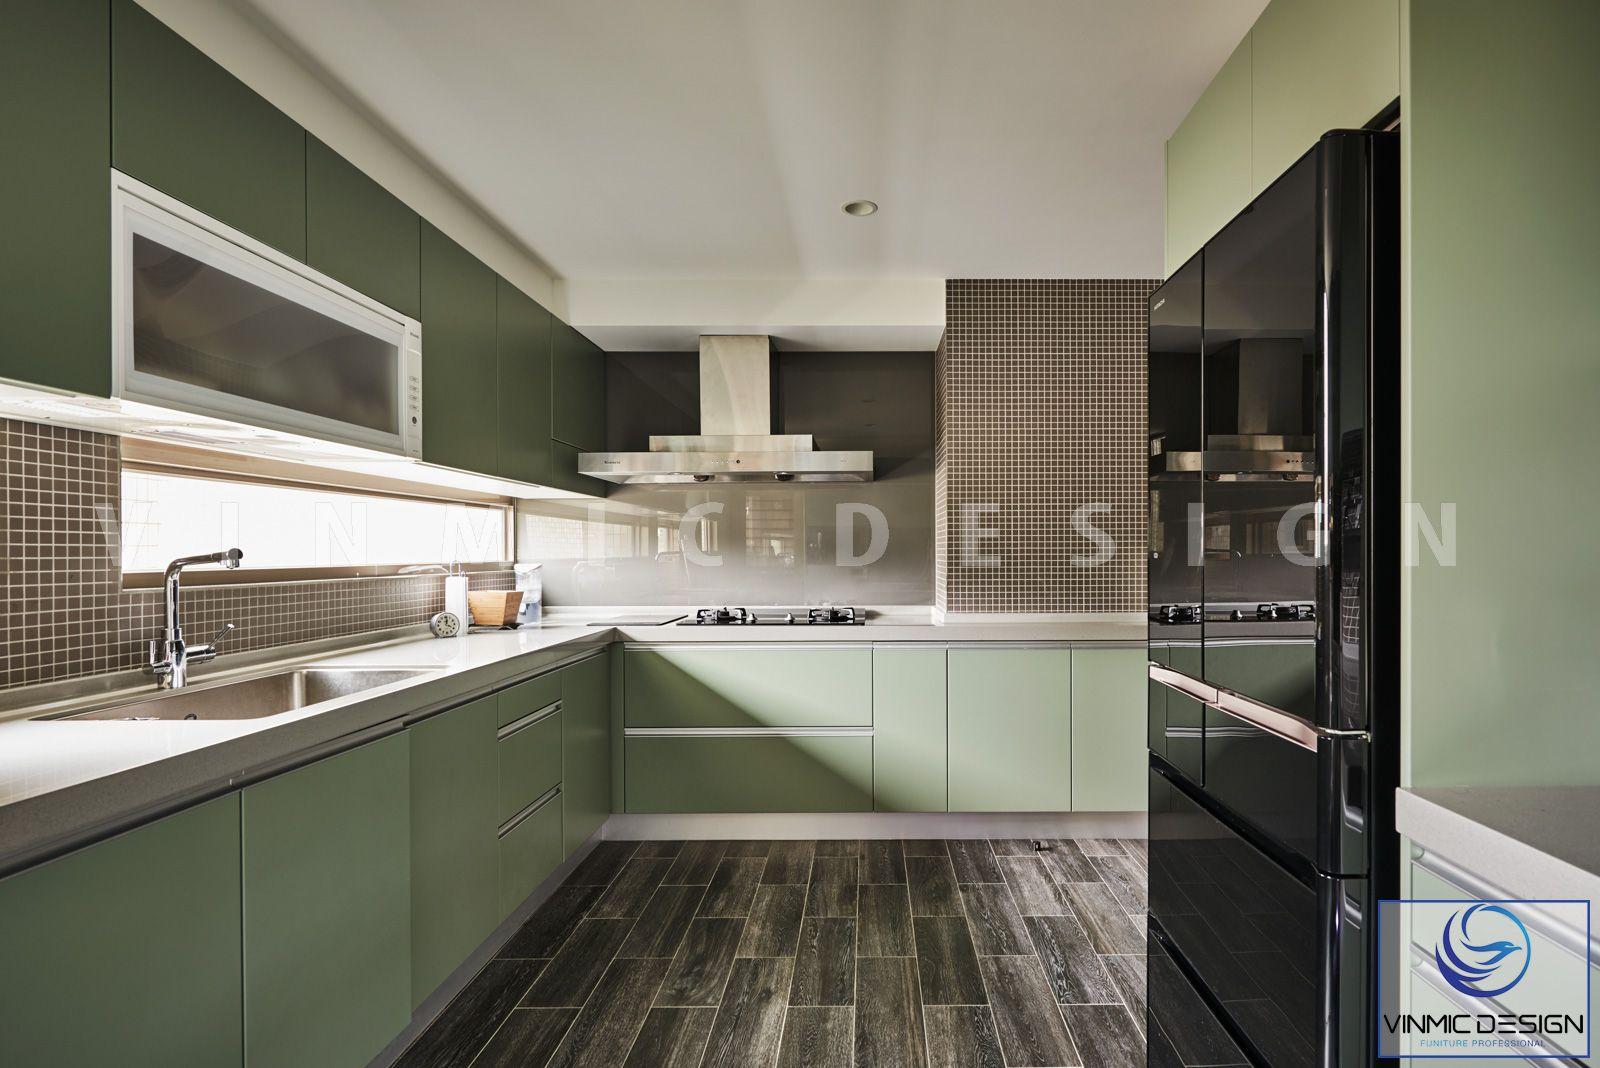 Mẫu thiết kế tủ bếp hiện đại với phong cách chữ L